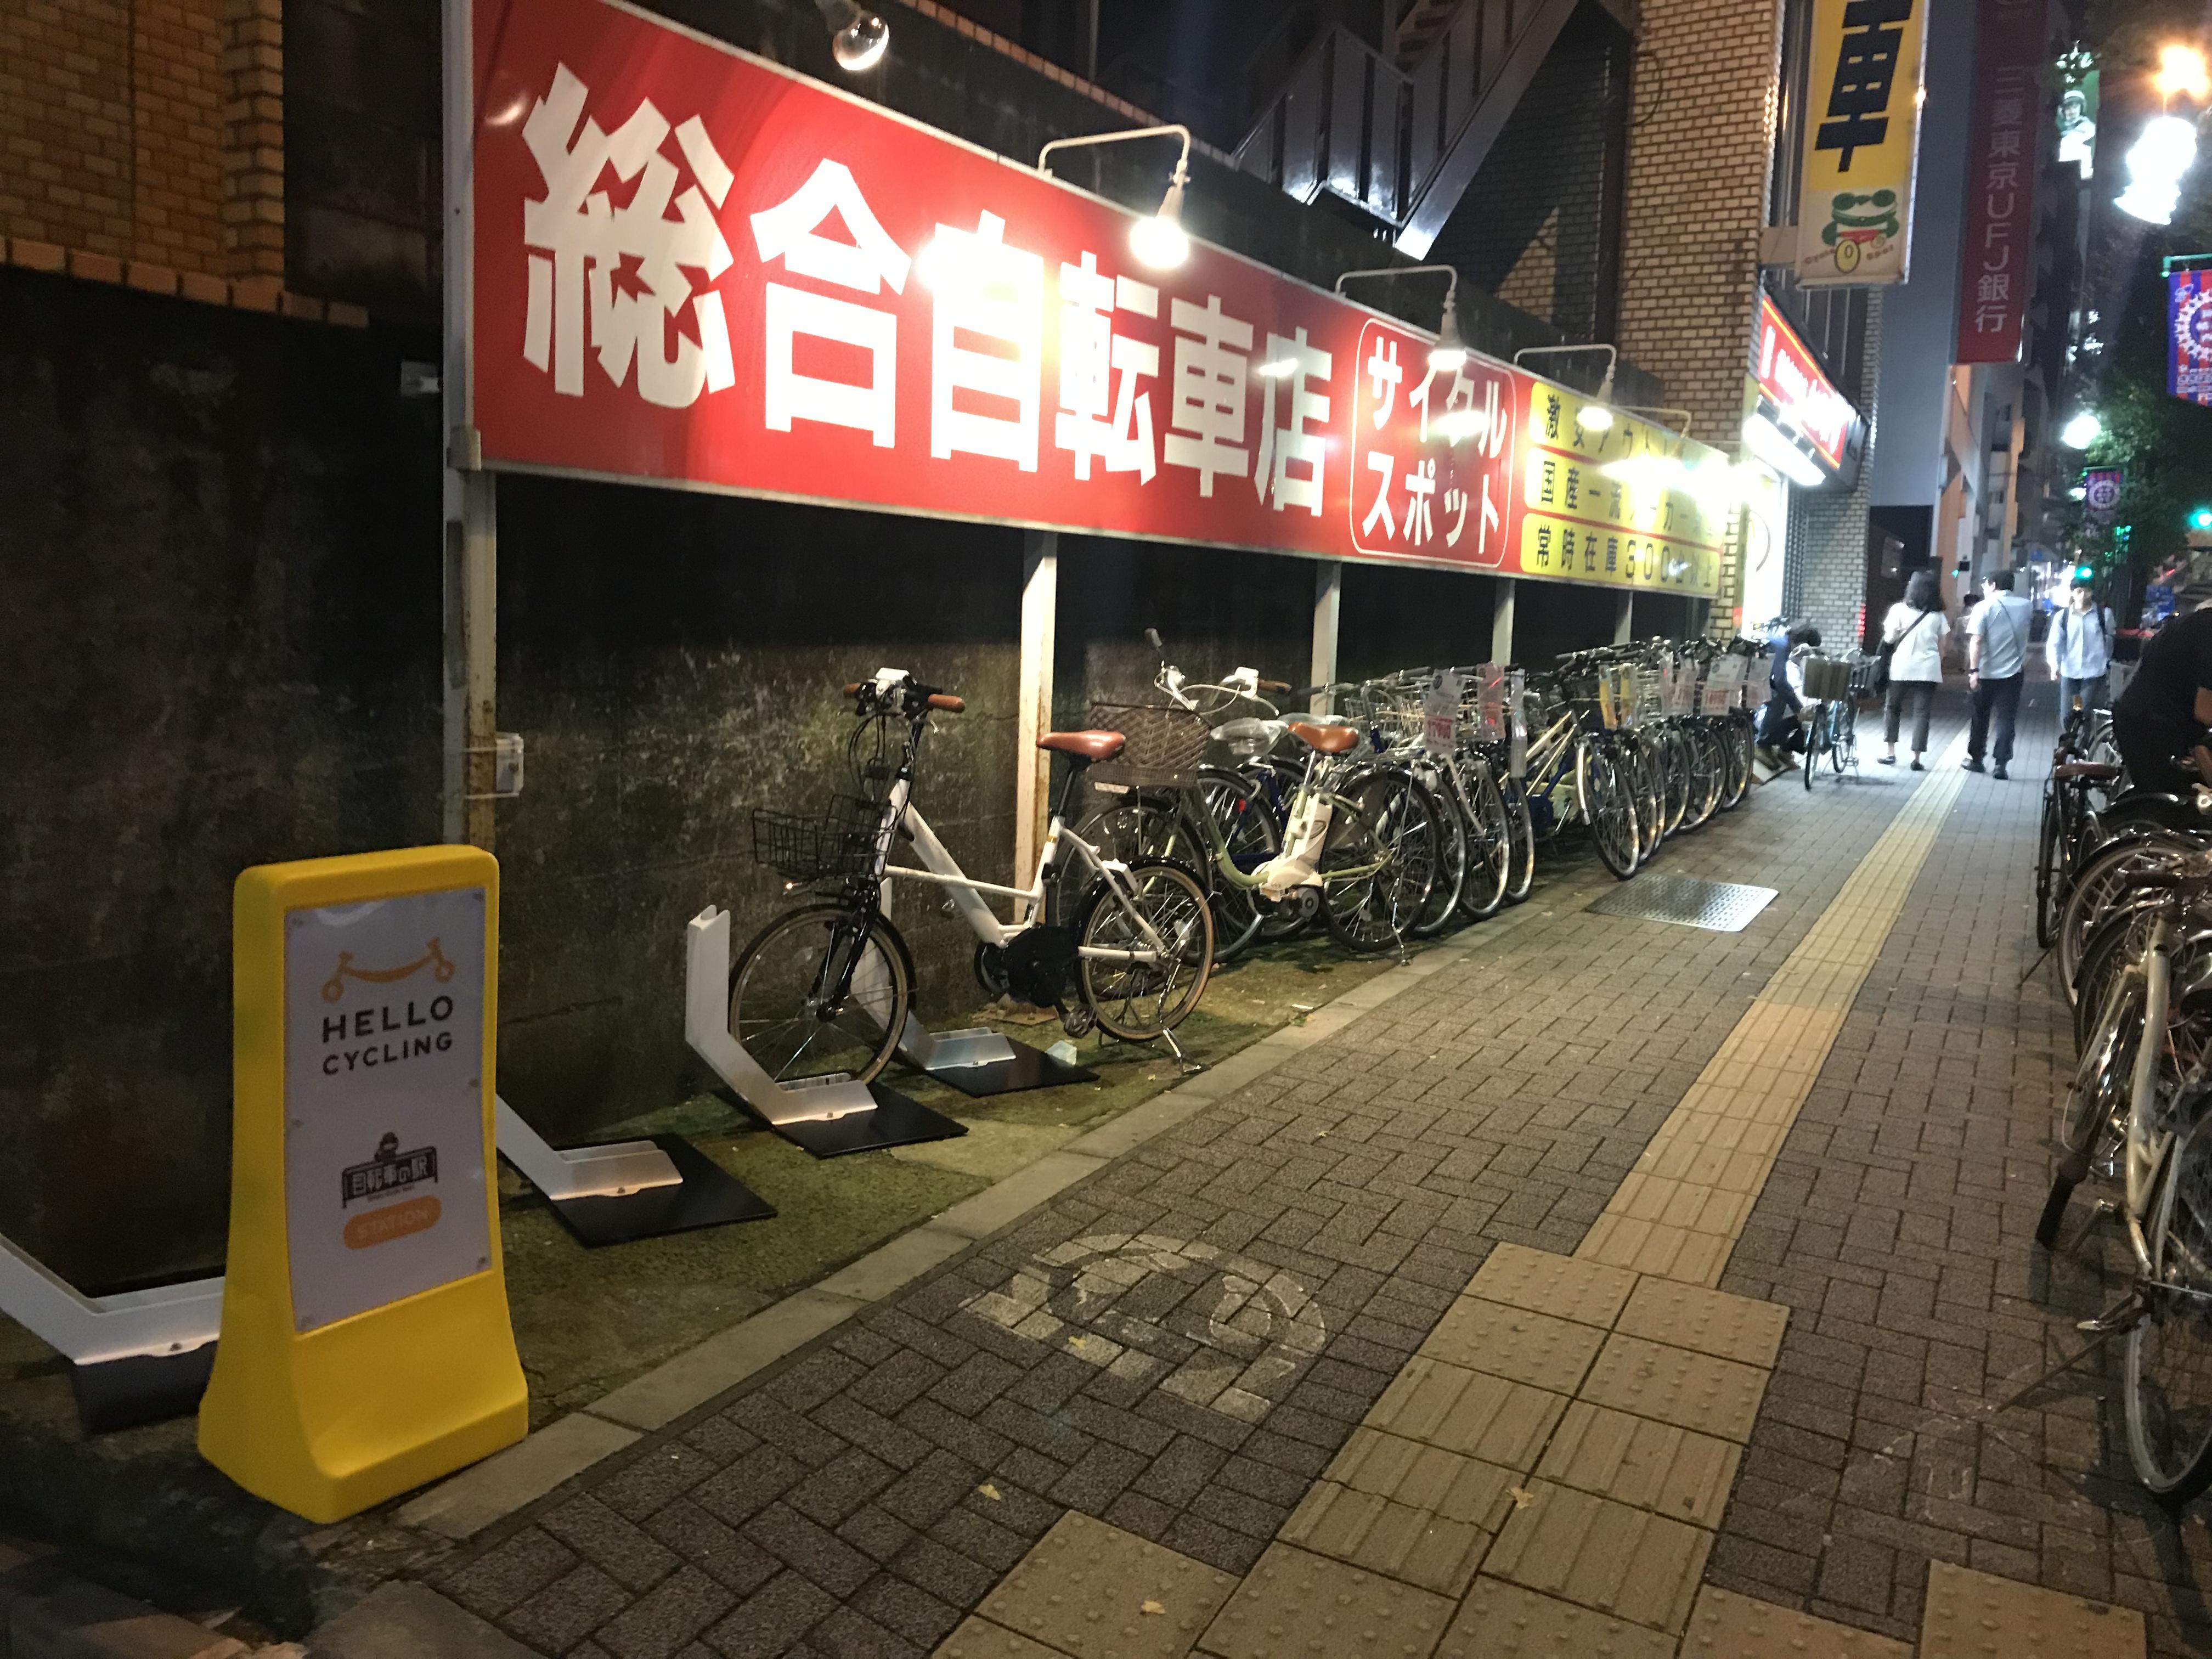 サイクルスポット笹塚店 (HELLO CYCLING ポート) image